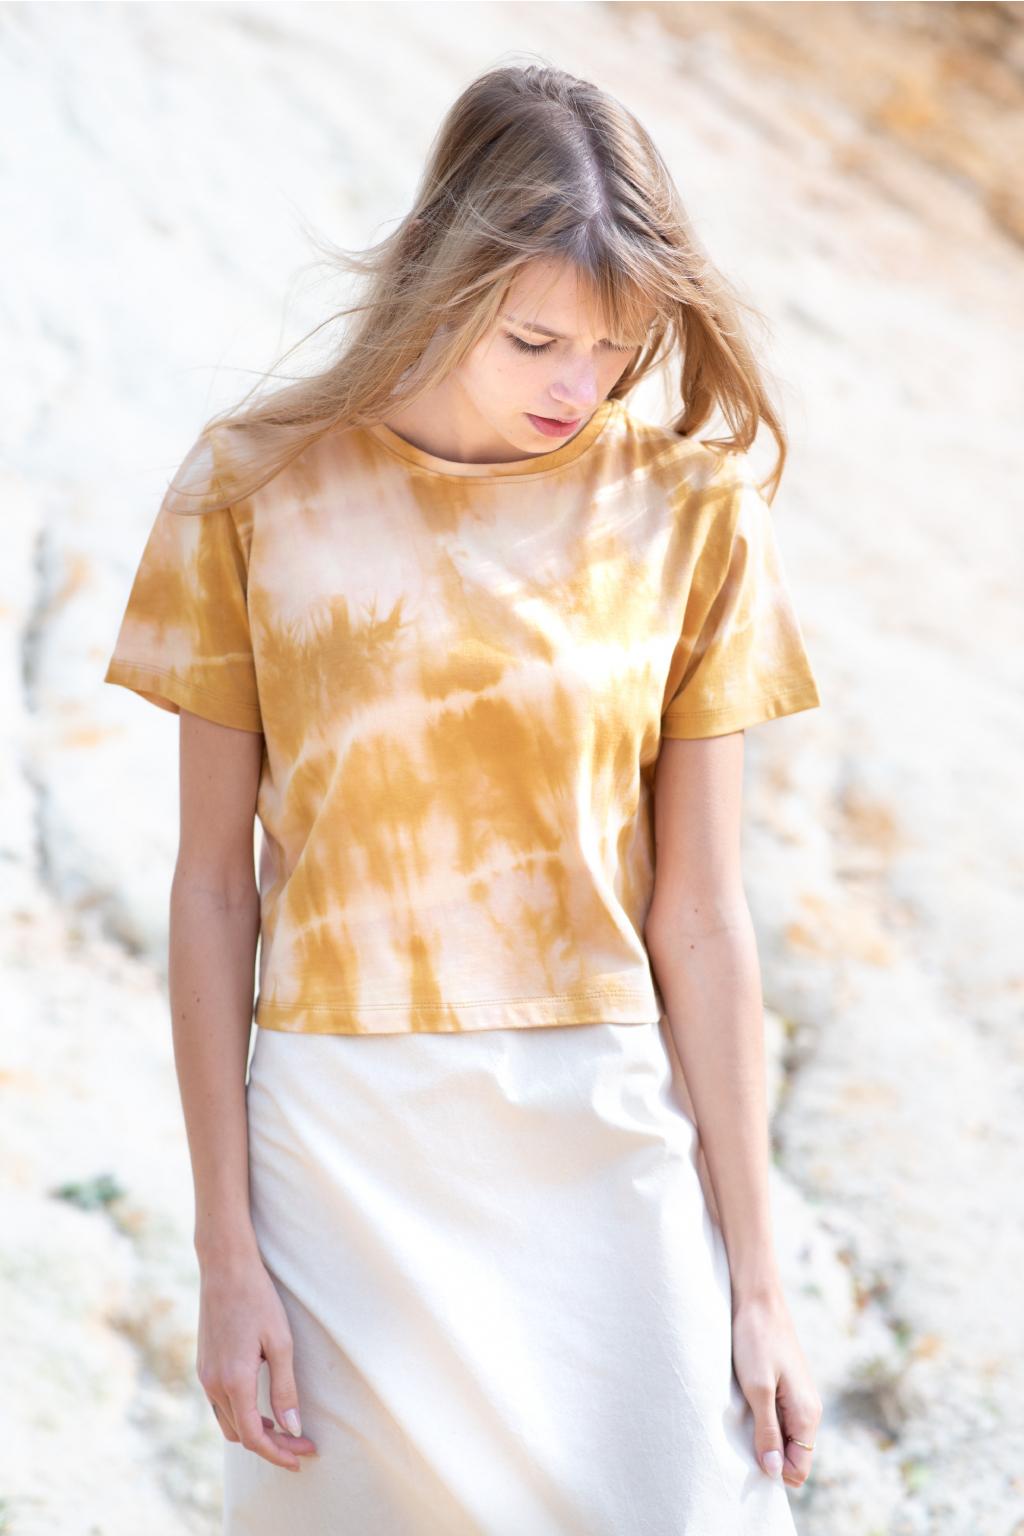 KOUSEK batikované tričko z biobavlny